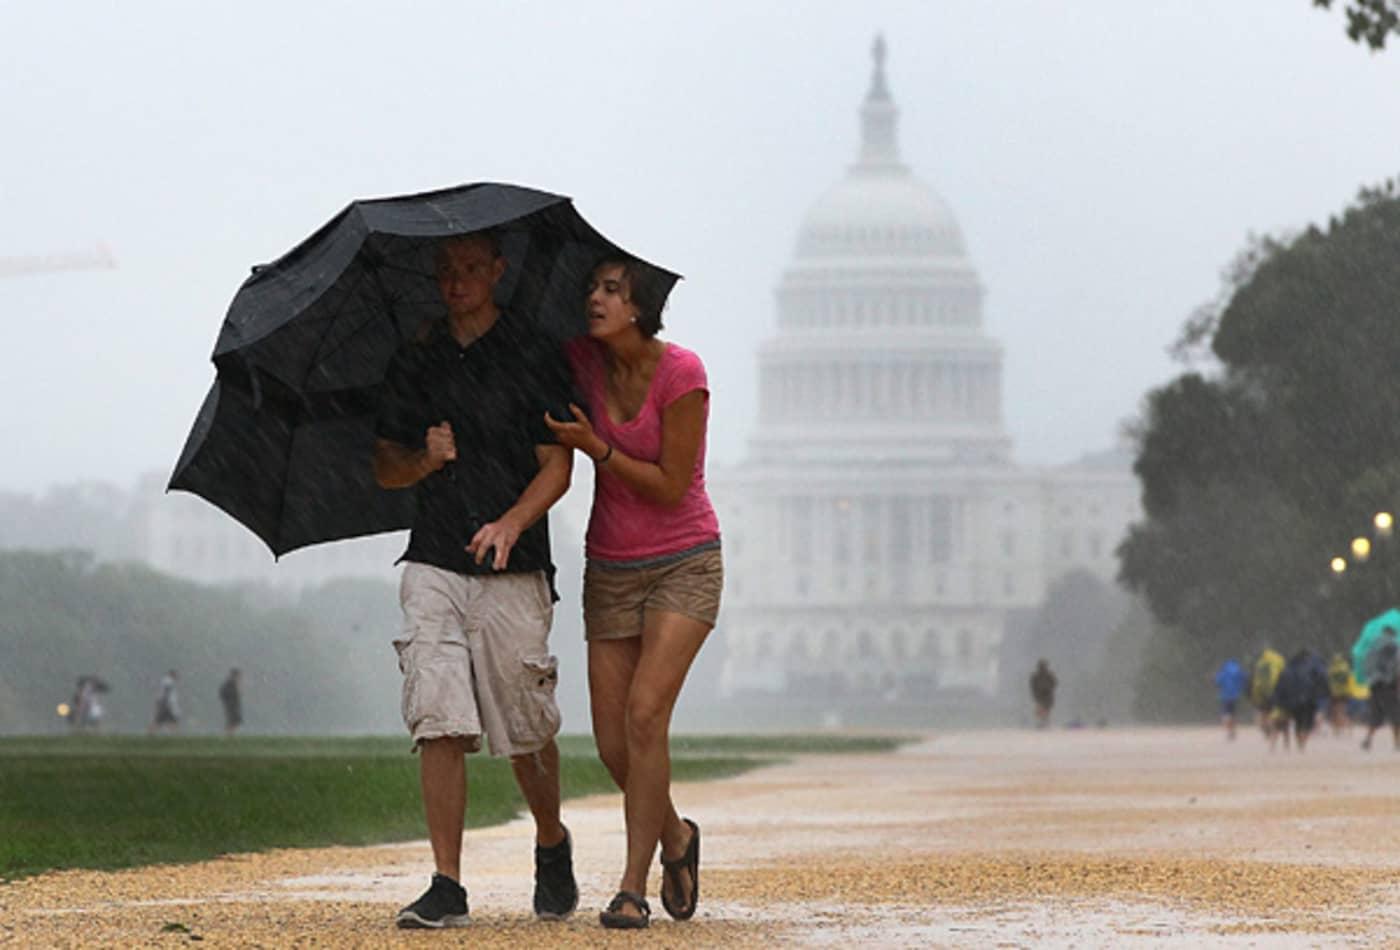 CNBC_Scenes_Irene_AUG27_DC1.jpg